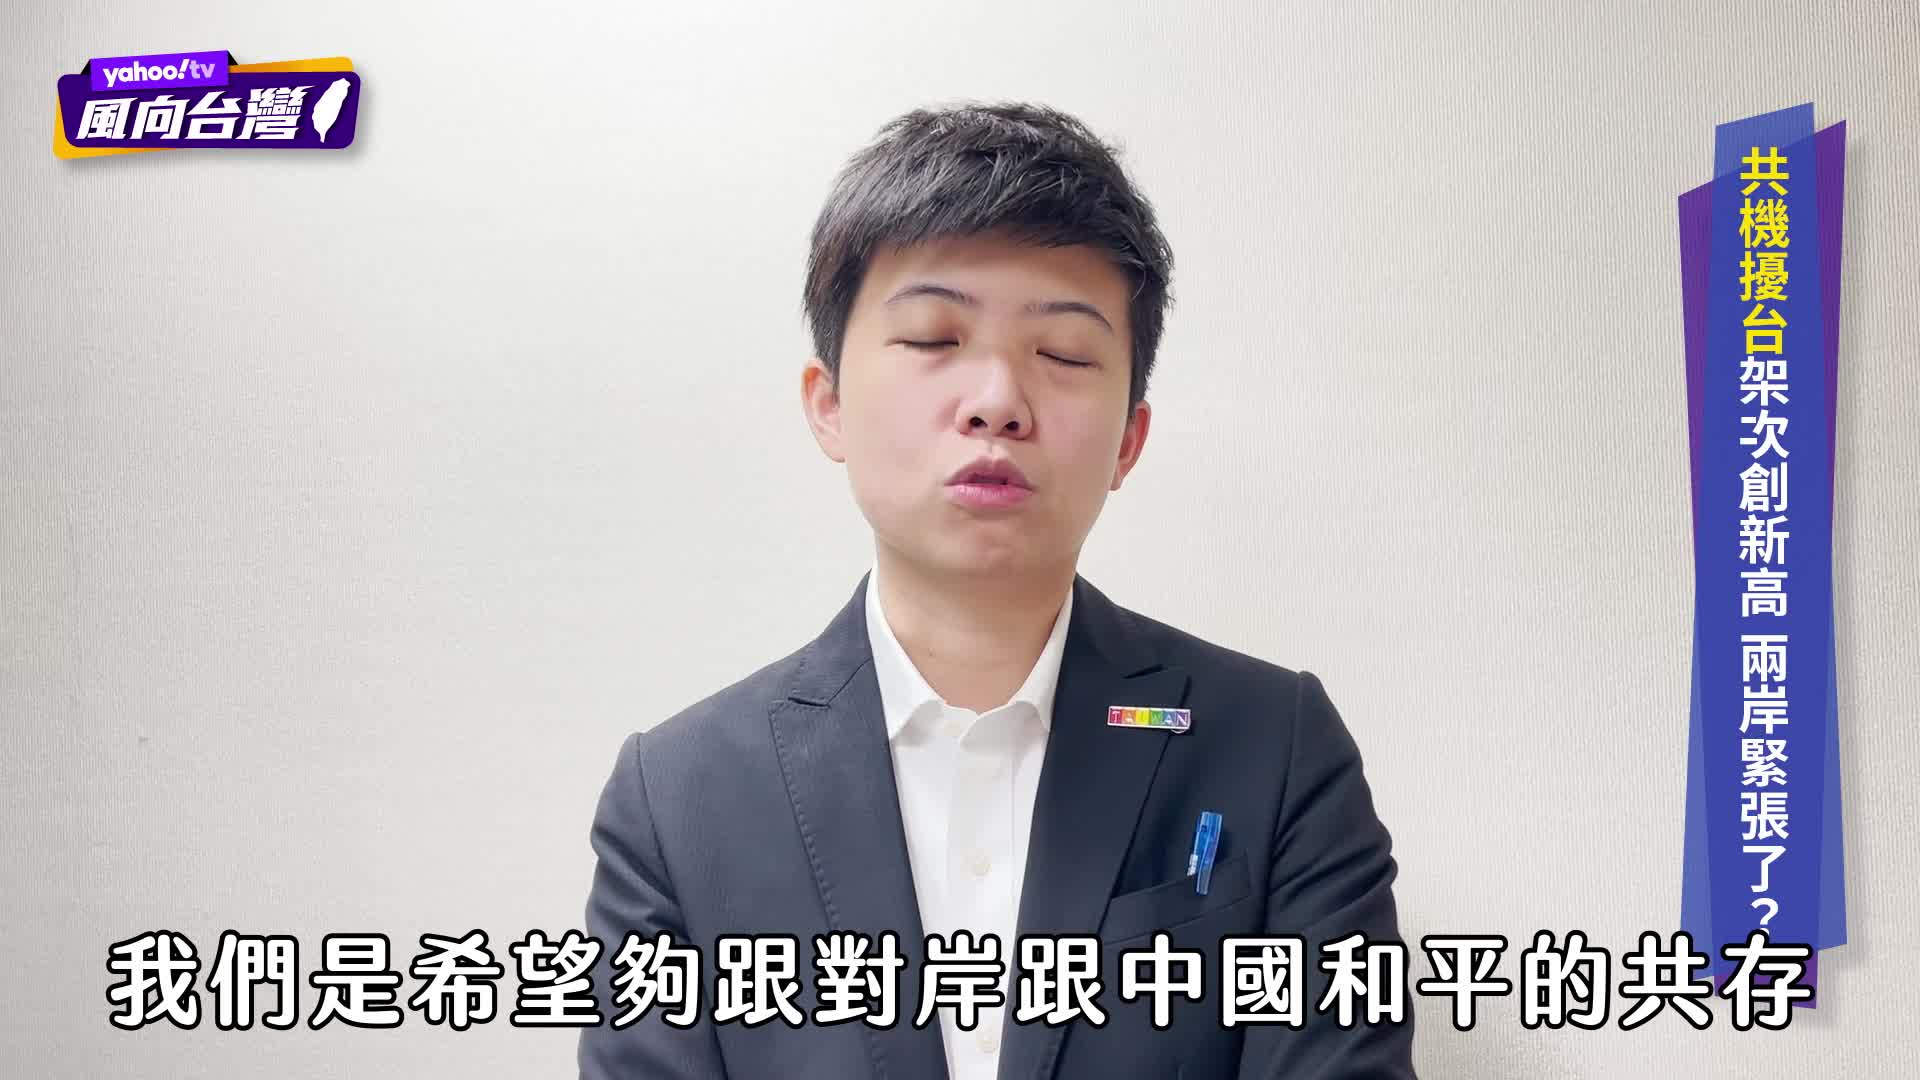 中共才是「麻煩製造者」苗博雅:民主國家集體抗中、台灣不孤單